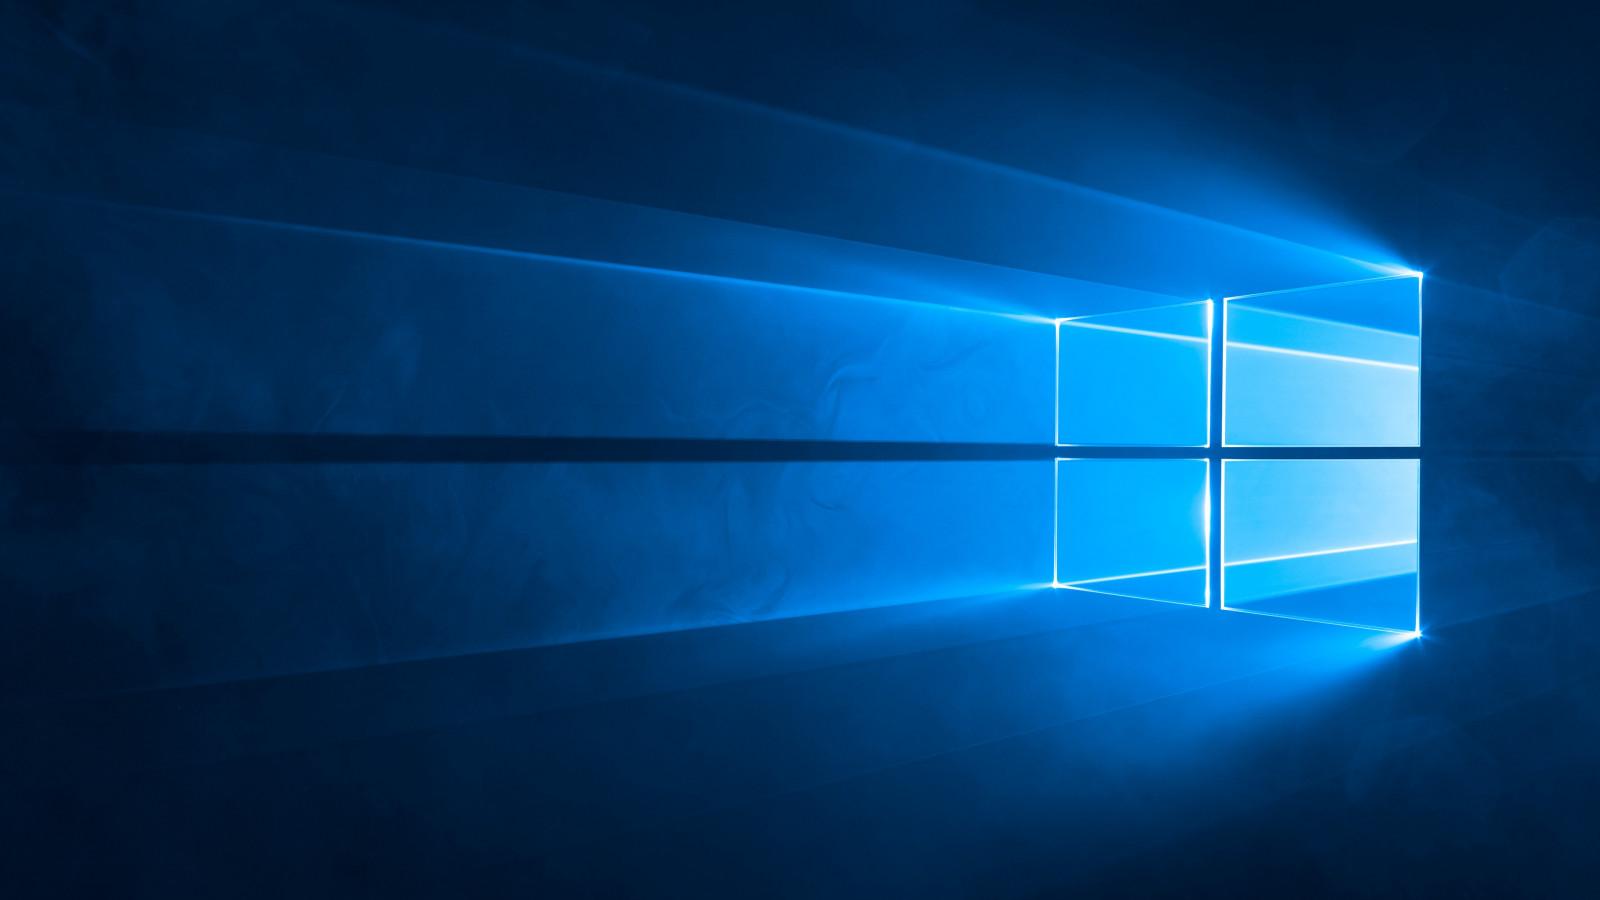 Windows 10 Ilmainen Lataus